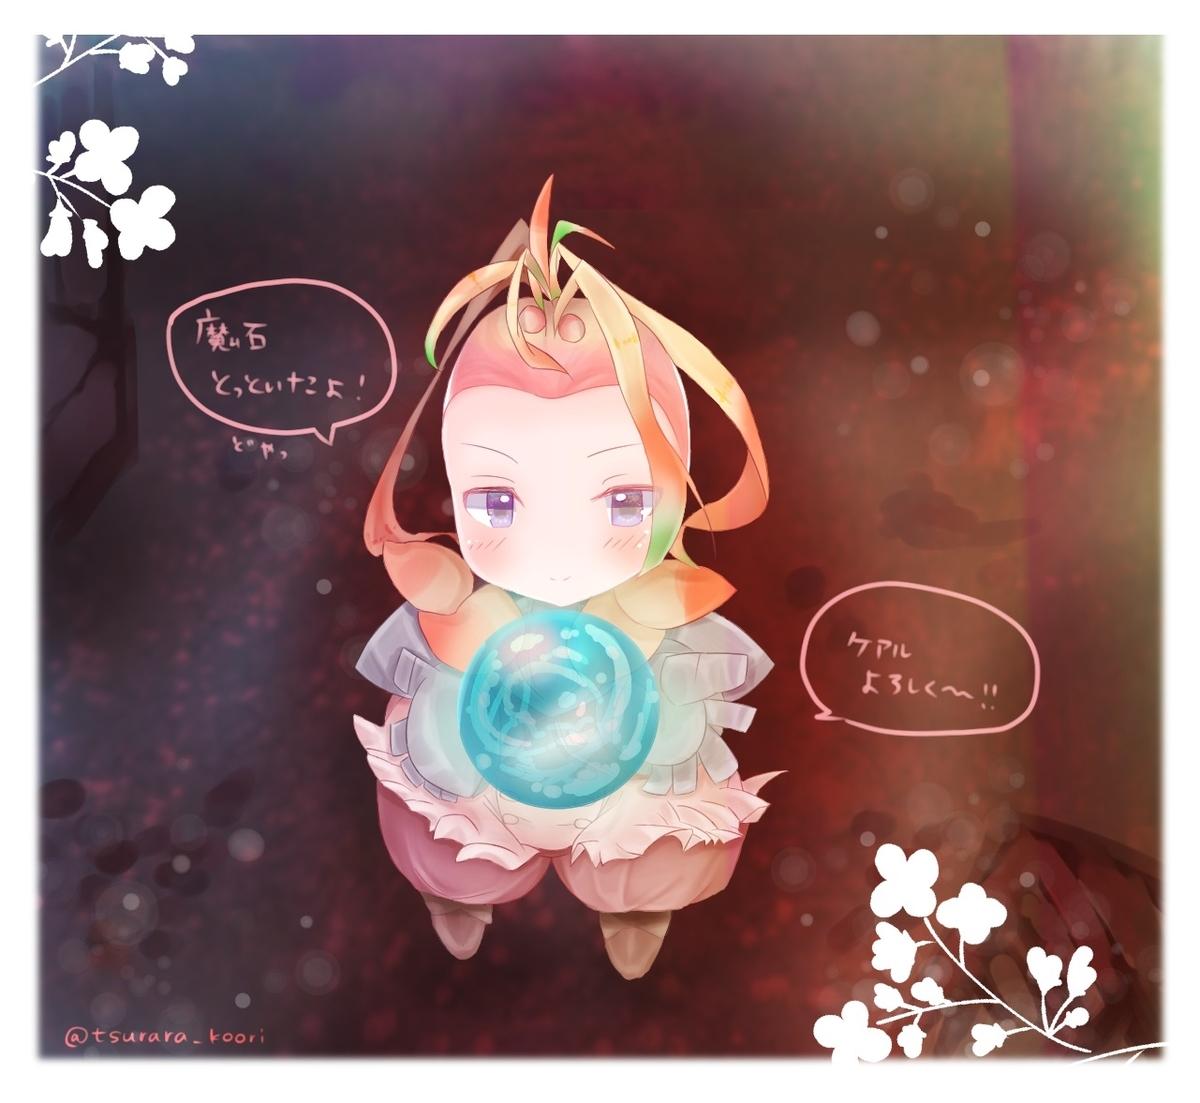 f:id:tsurara_koori:20201106070418j:plain